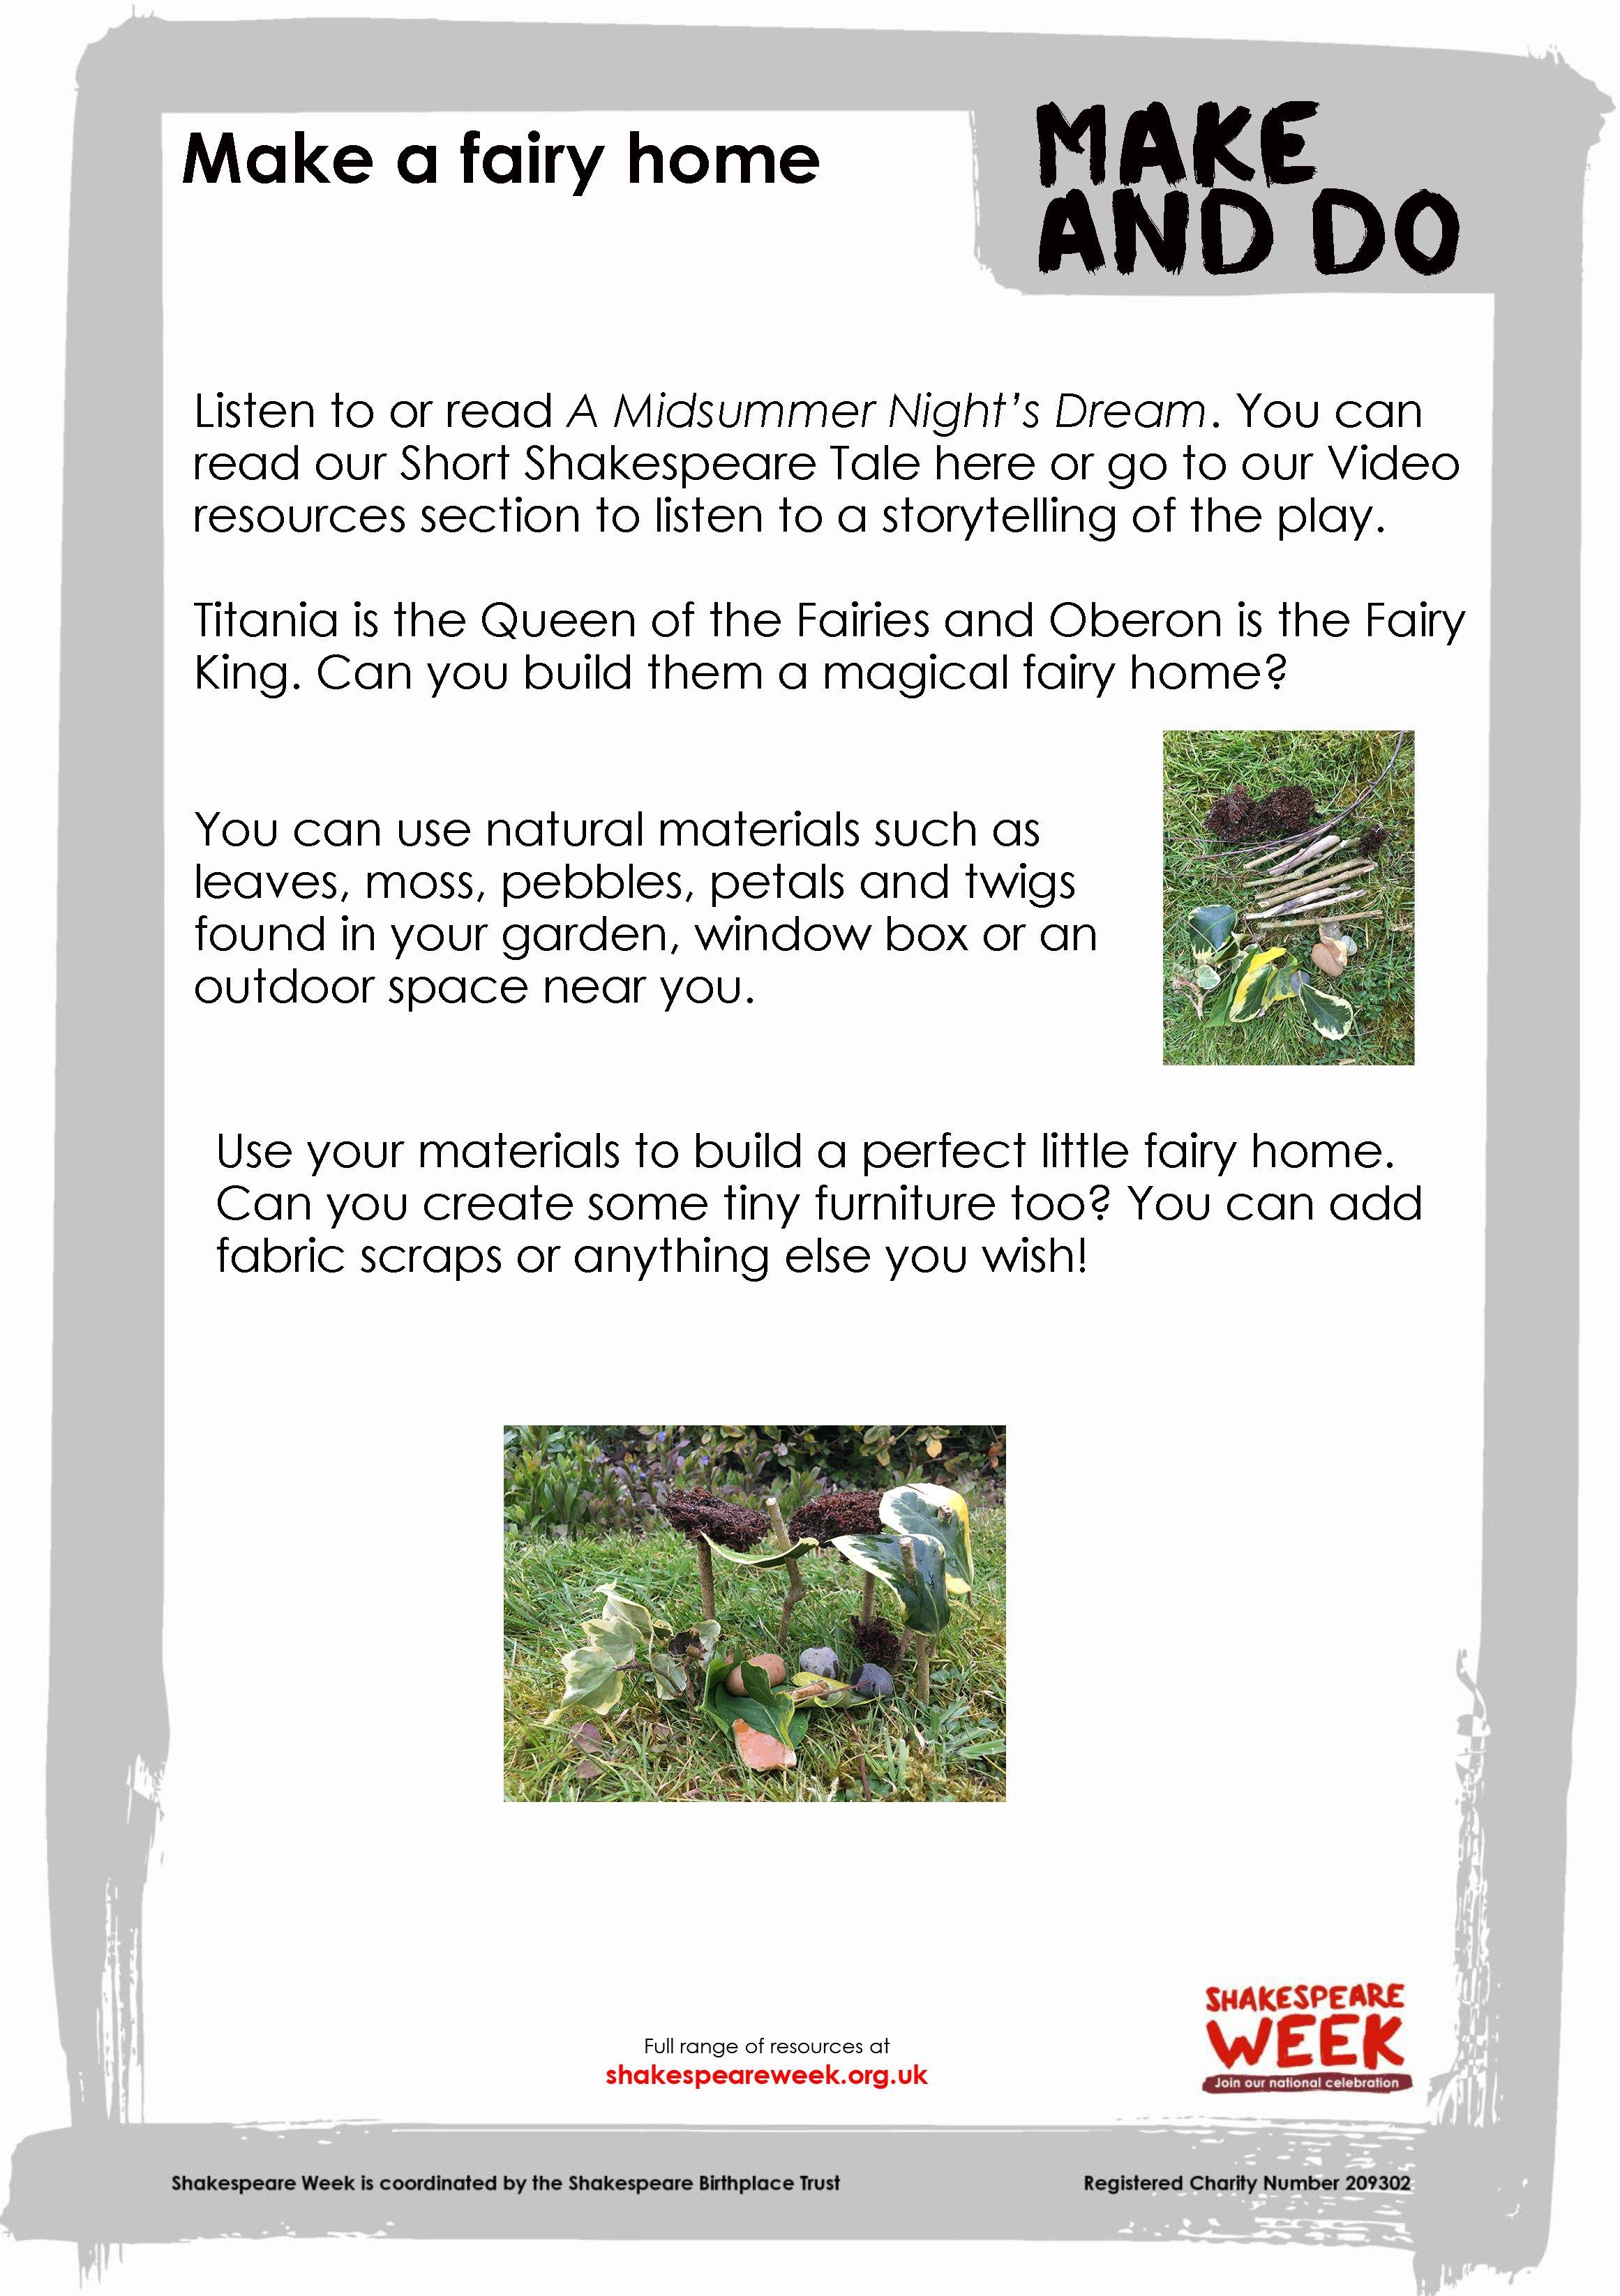 Make a fairy home